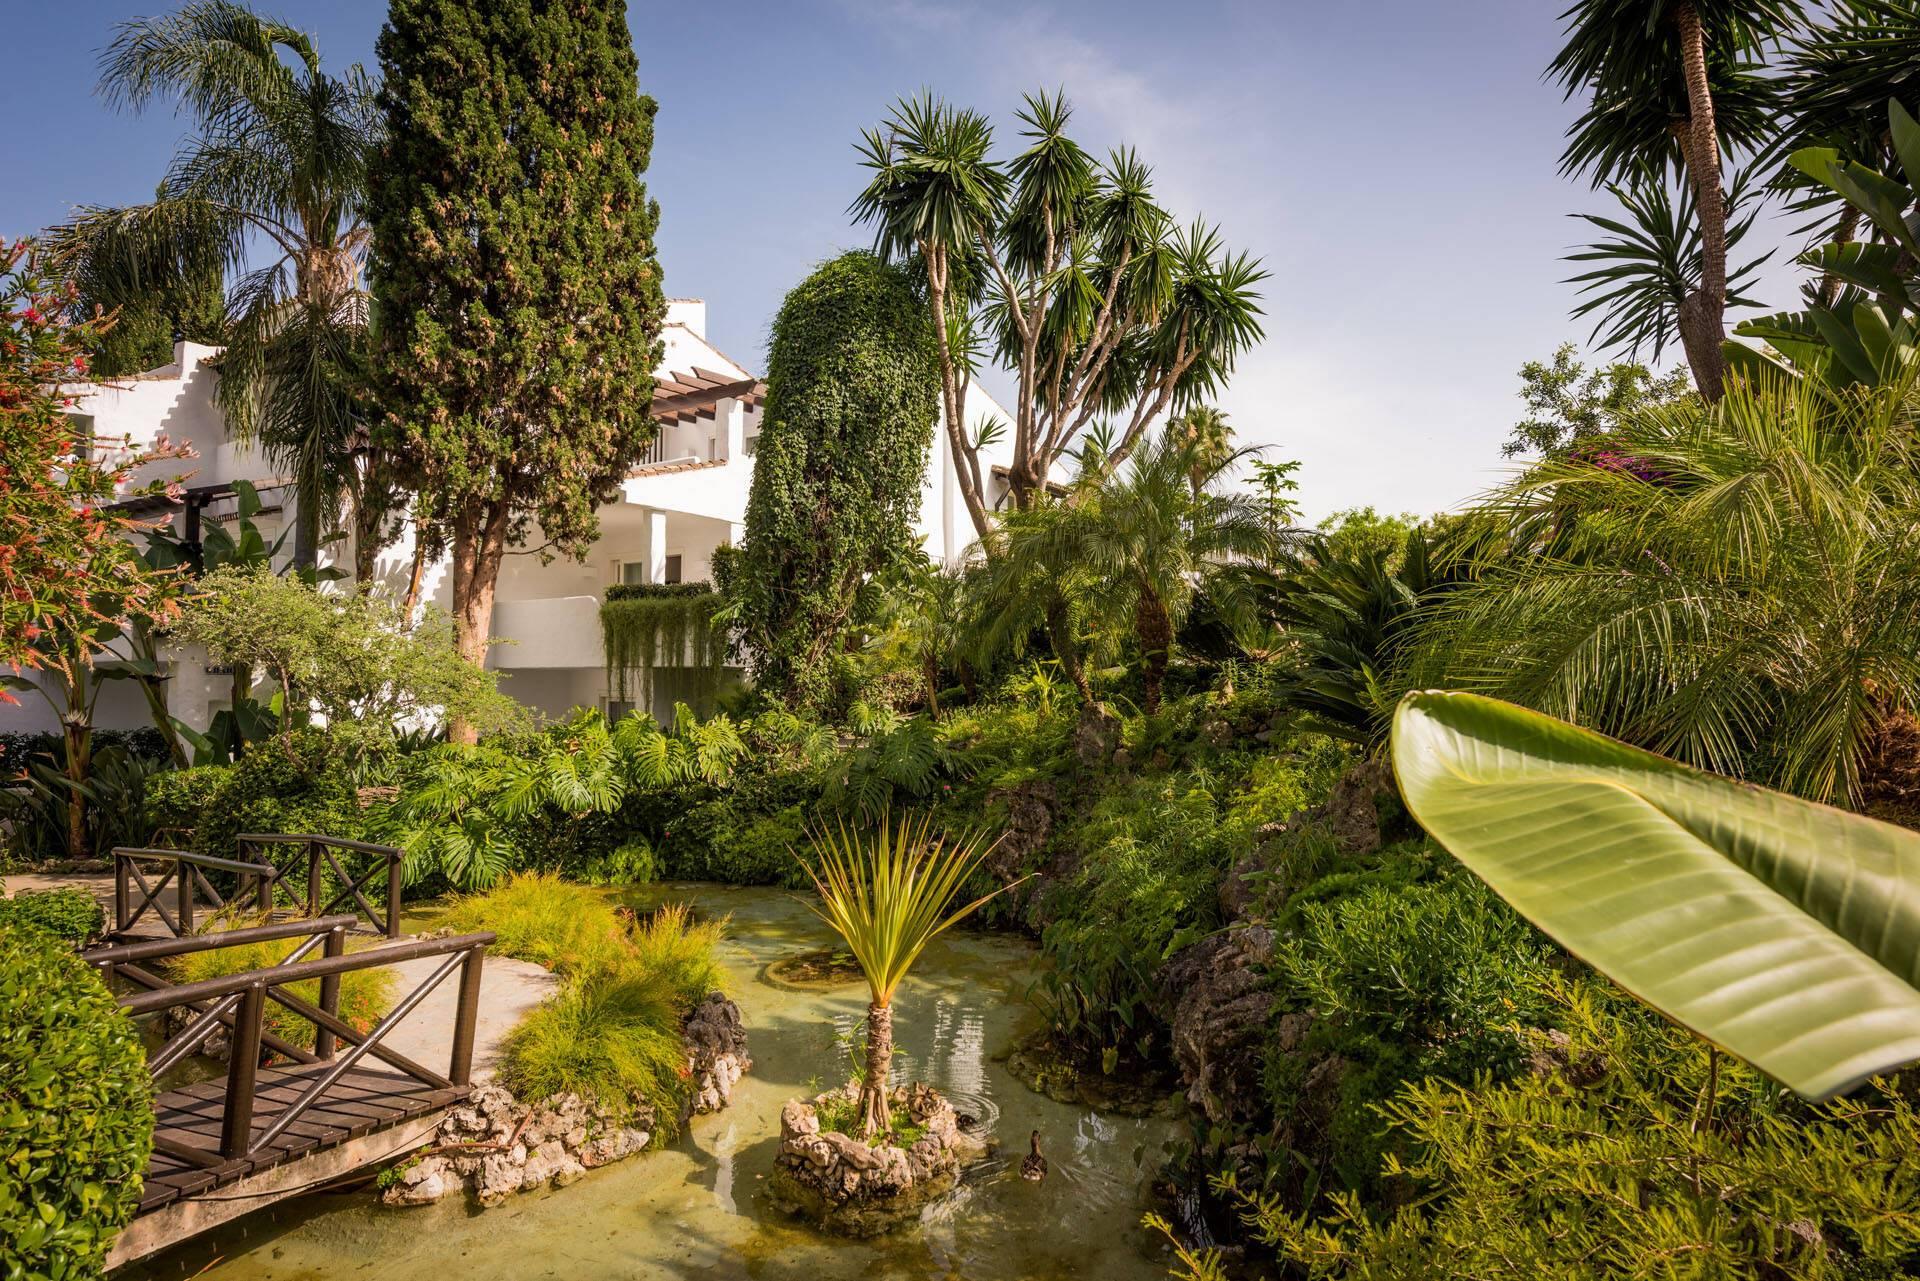 Puente Romano Marbella Andalousie Jardins